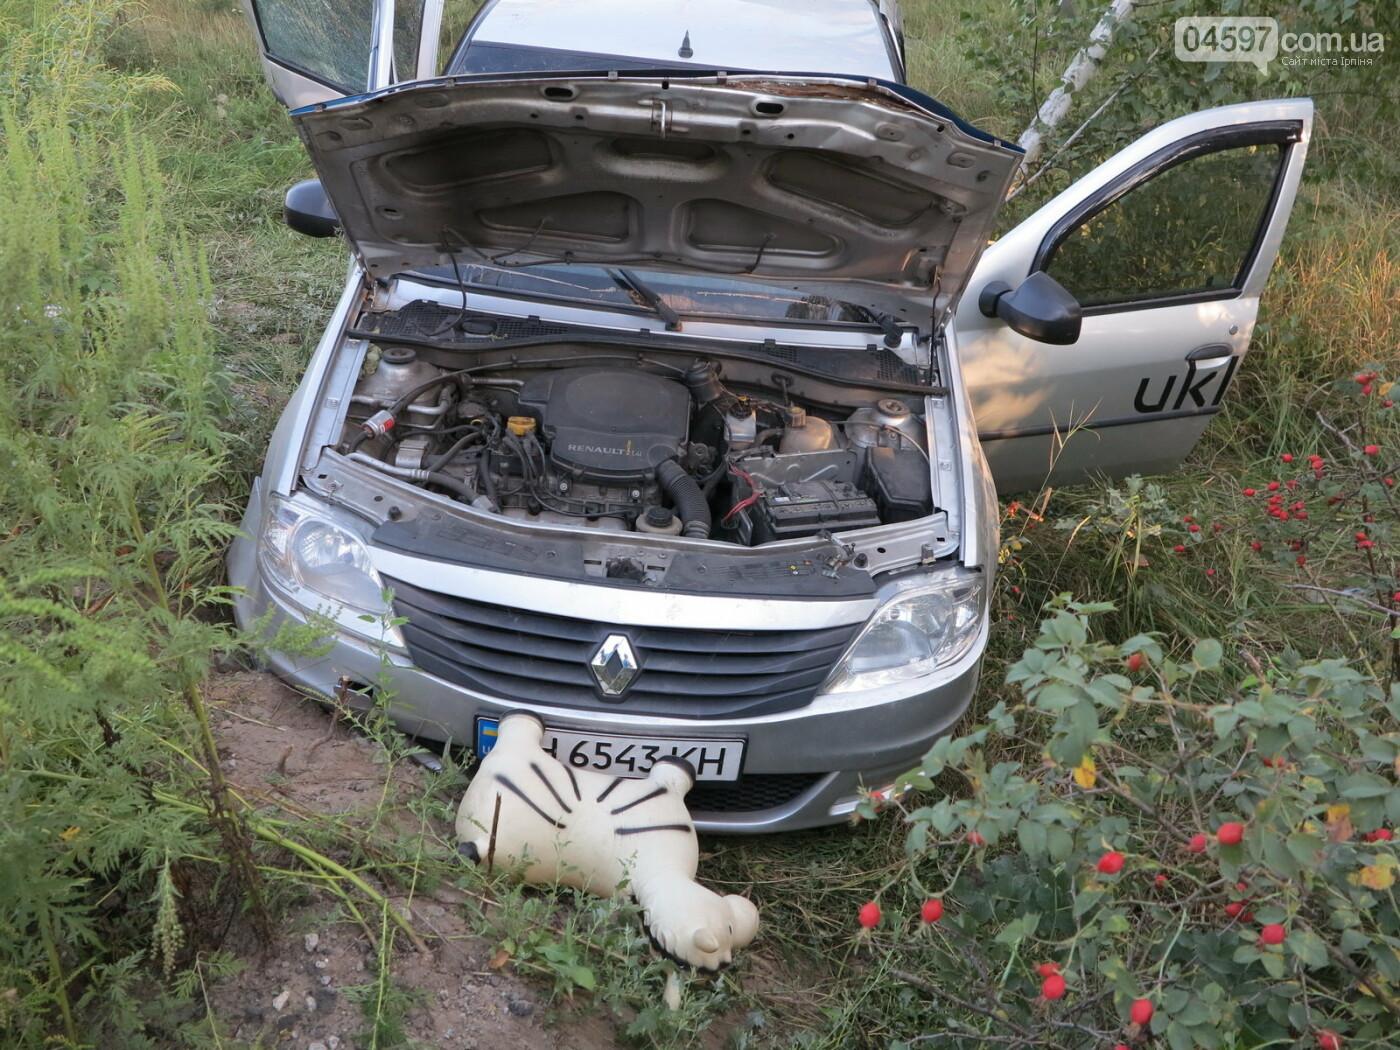 """Поїздка в таксі з летальним """"уклоном"""": один загинув, двоє госпіталізовані, фото-1"""